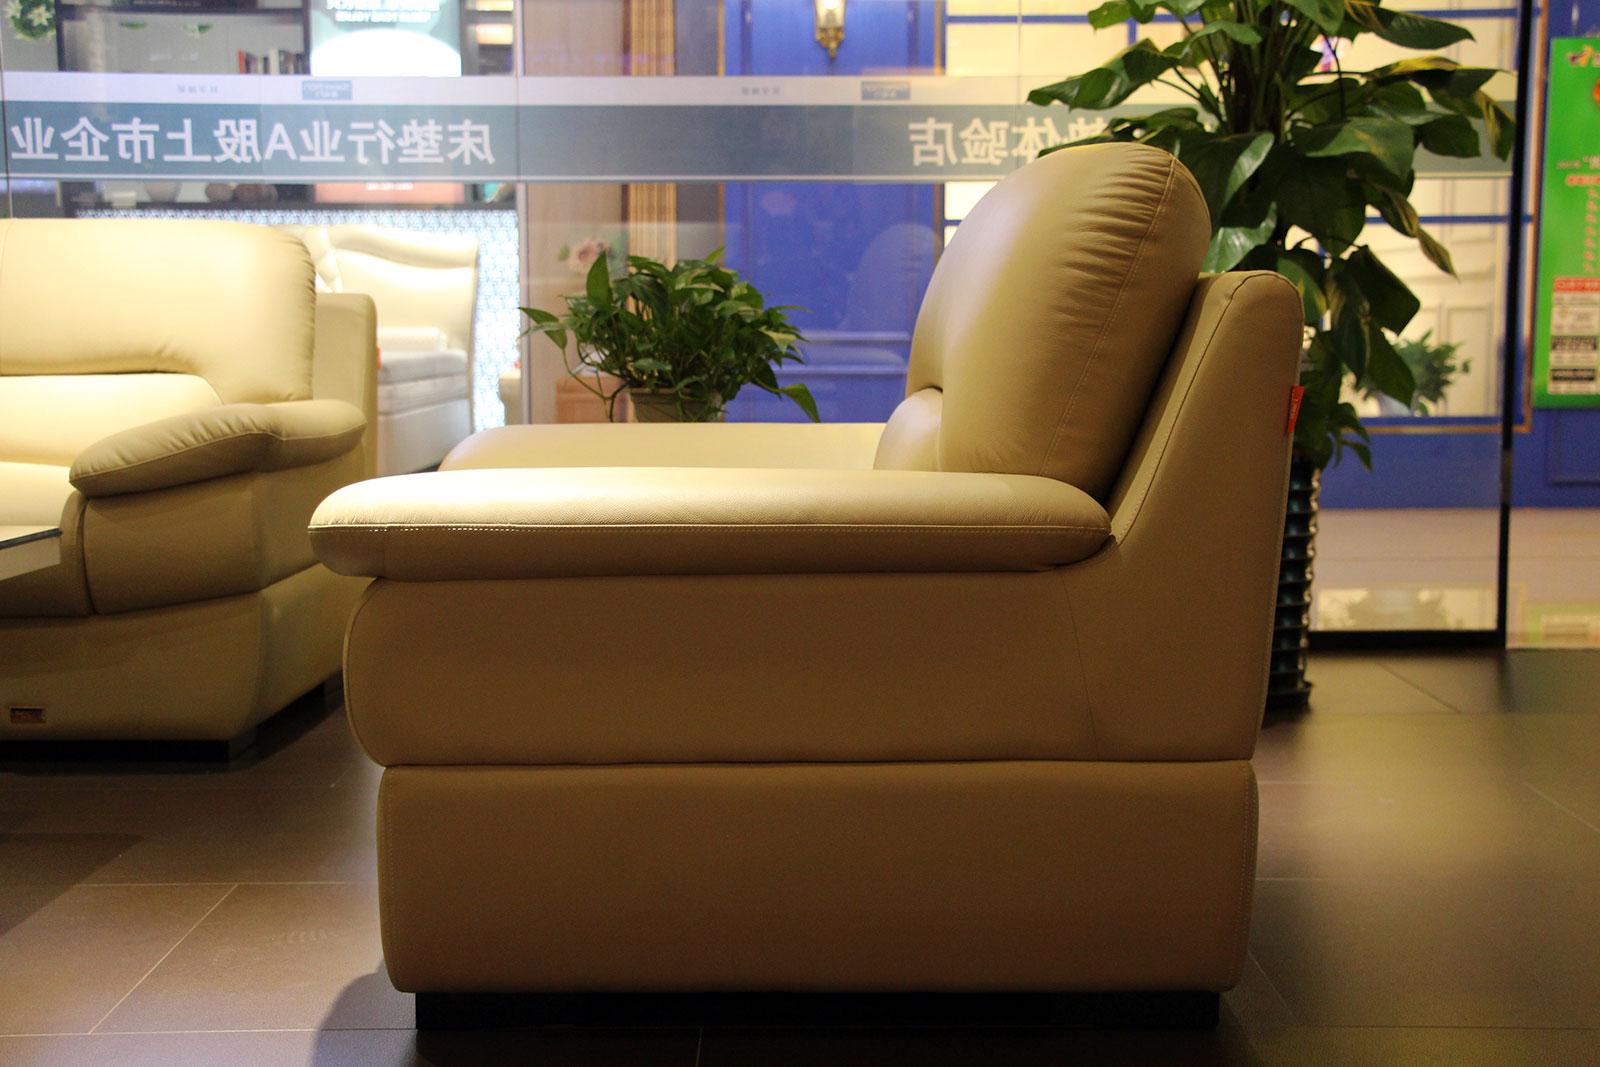 促销:喜临门样品转角沙发 单人沙发22605元